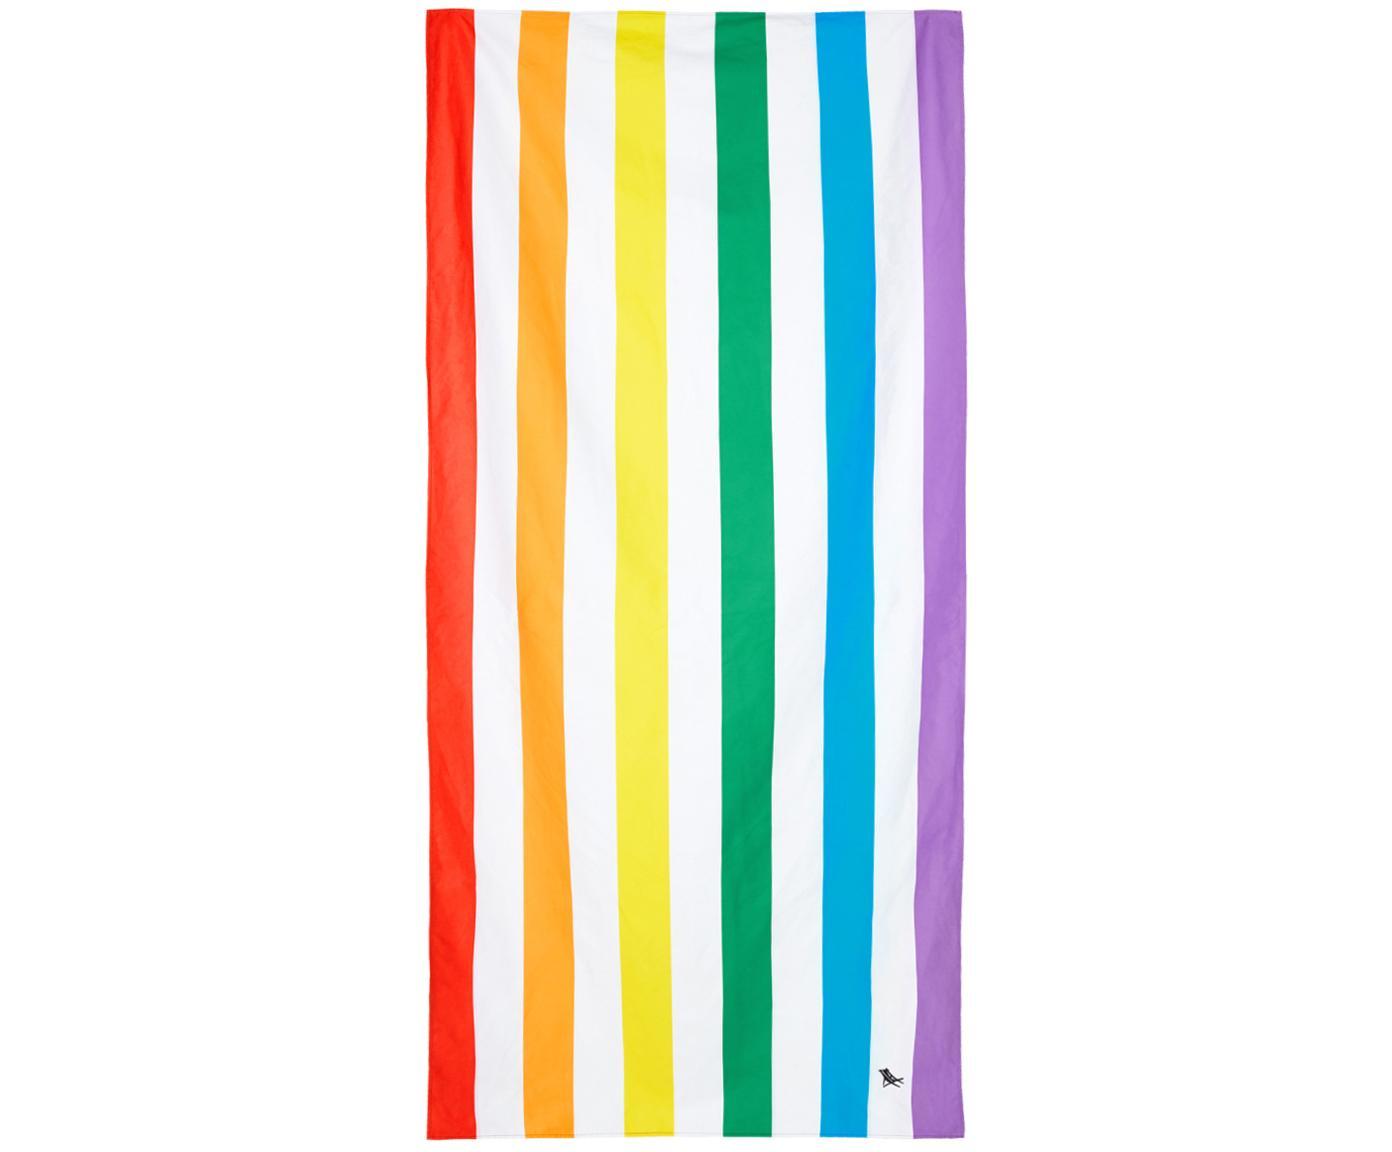 Szybkoschnący ręcznik plażowy z mikrofibry Summer, Mikrofibra (80% poliester, 20% poliamid), Wielobarwny, biały, S 90 x D 200 cm